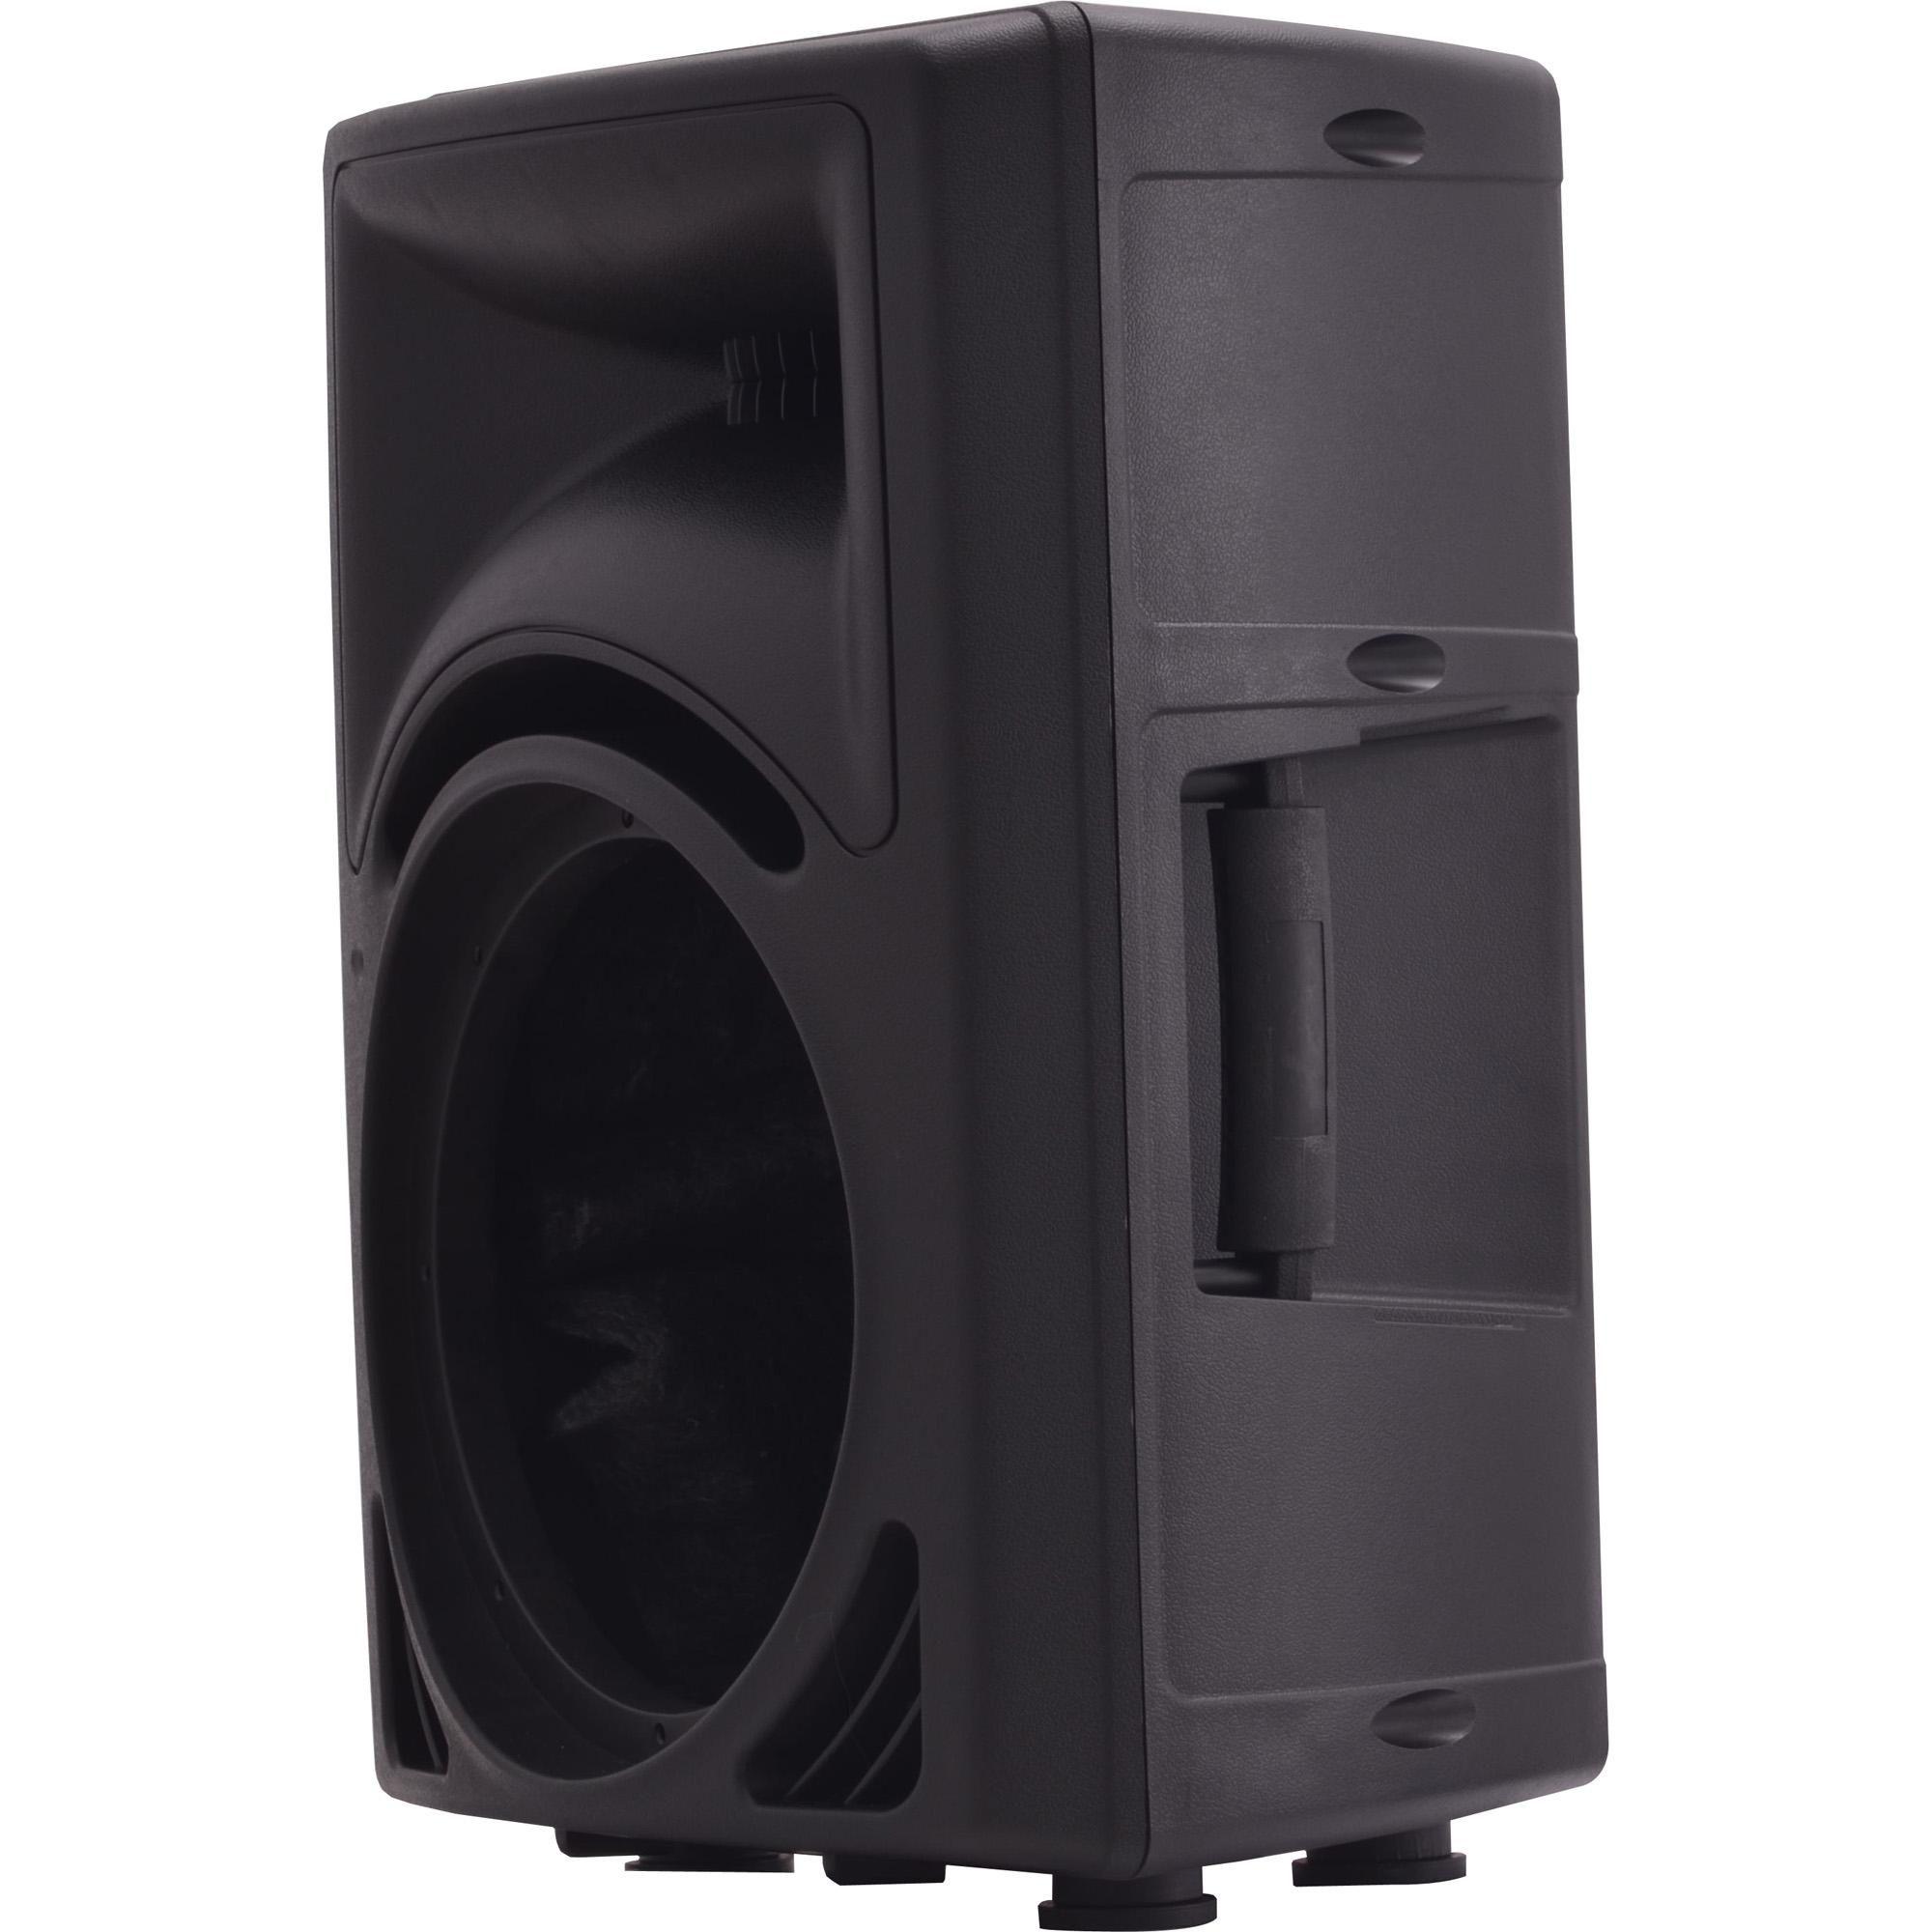 Gabinete Para Caixa Acústica de Plastico Injetado 15